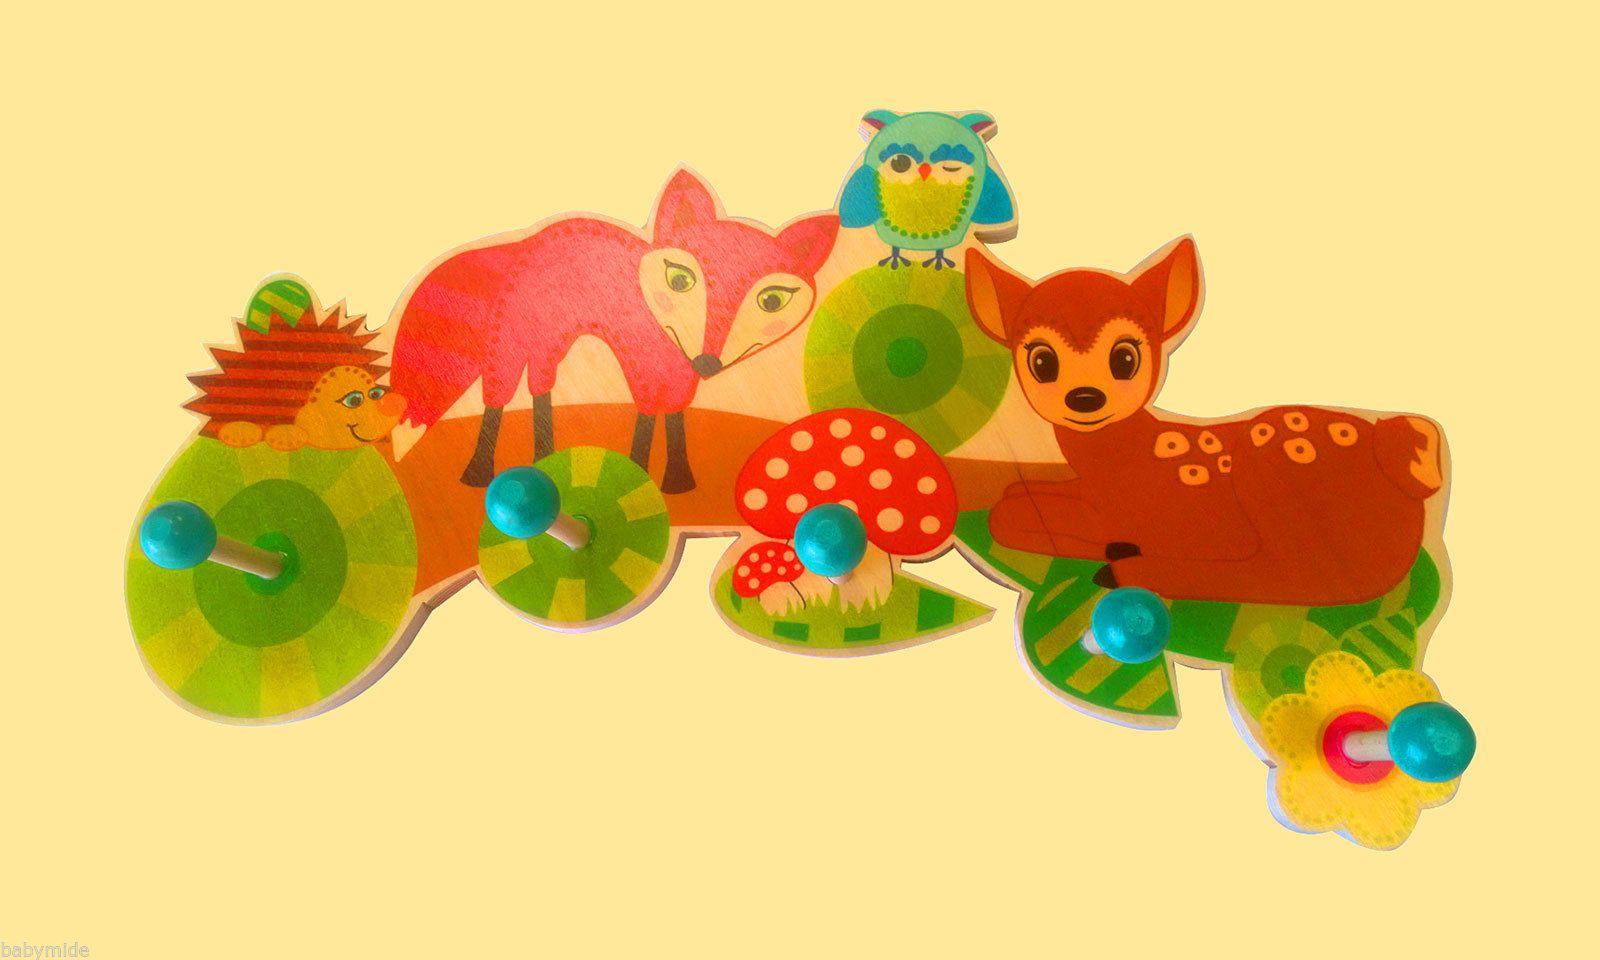 Kleiderhaken Clipart Details Zu Kinderzimmer Kinder Holz Garderobe Waldtiere